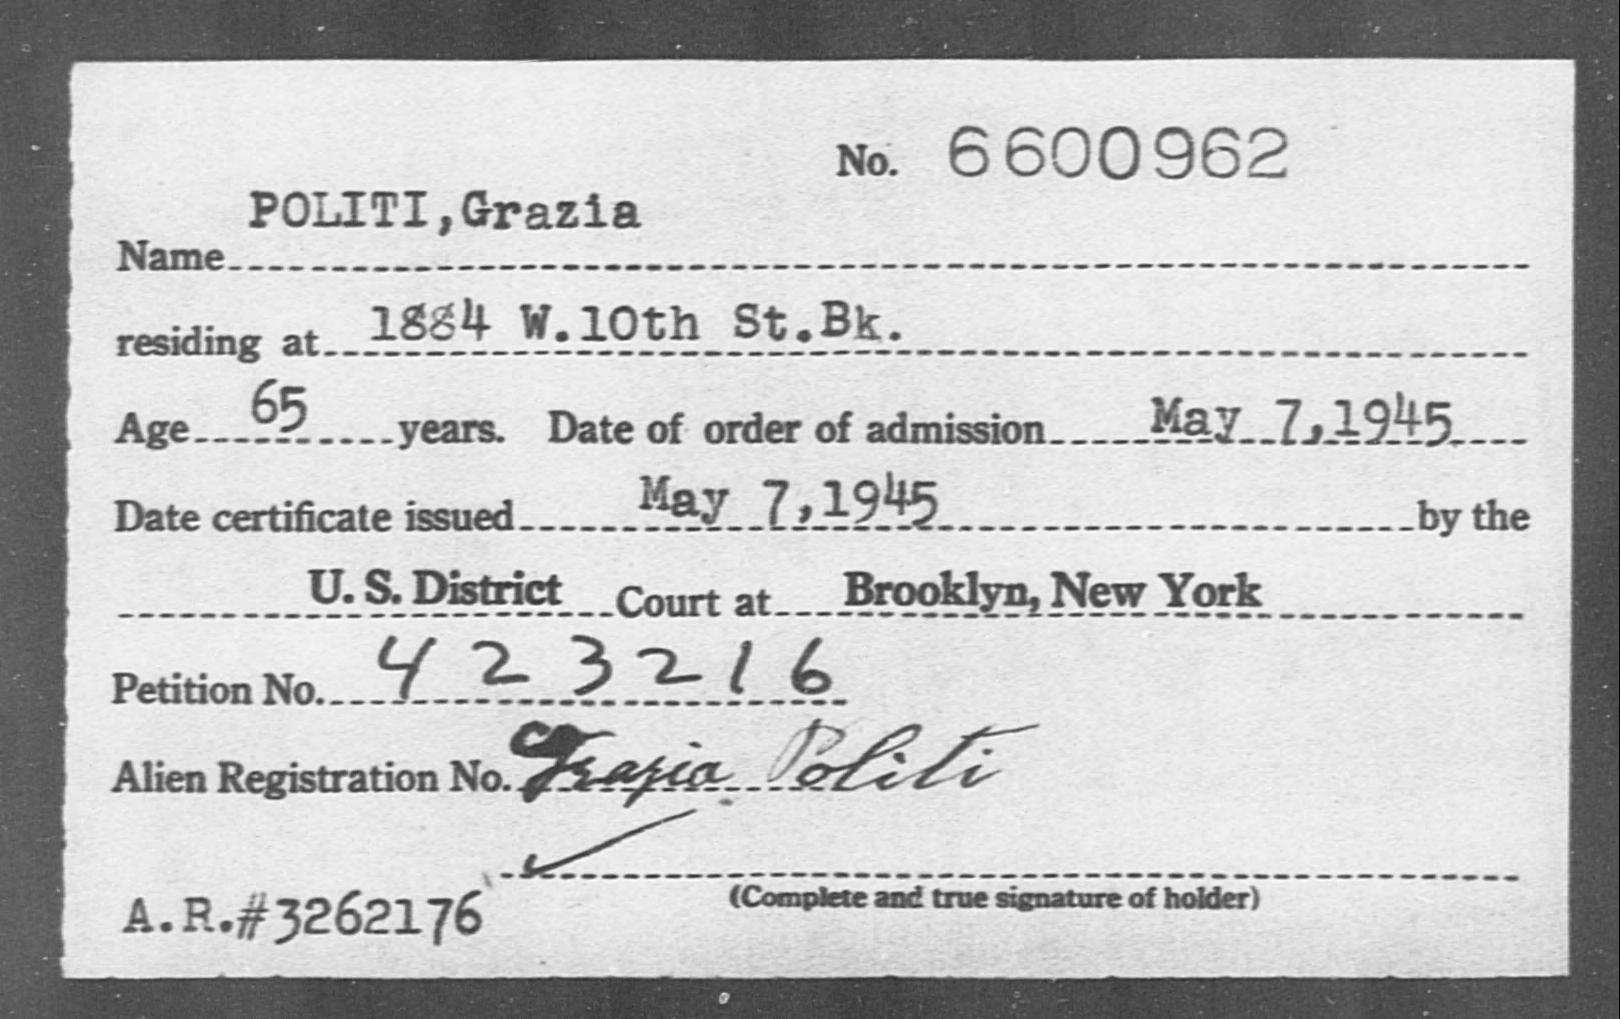 POLITI, Grazia - Born: [BLANK], Naturalized: 1945